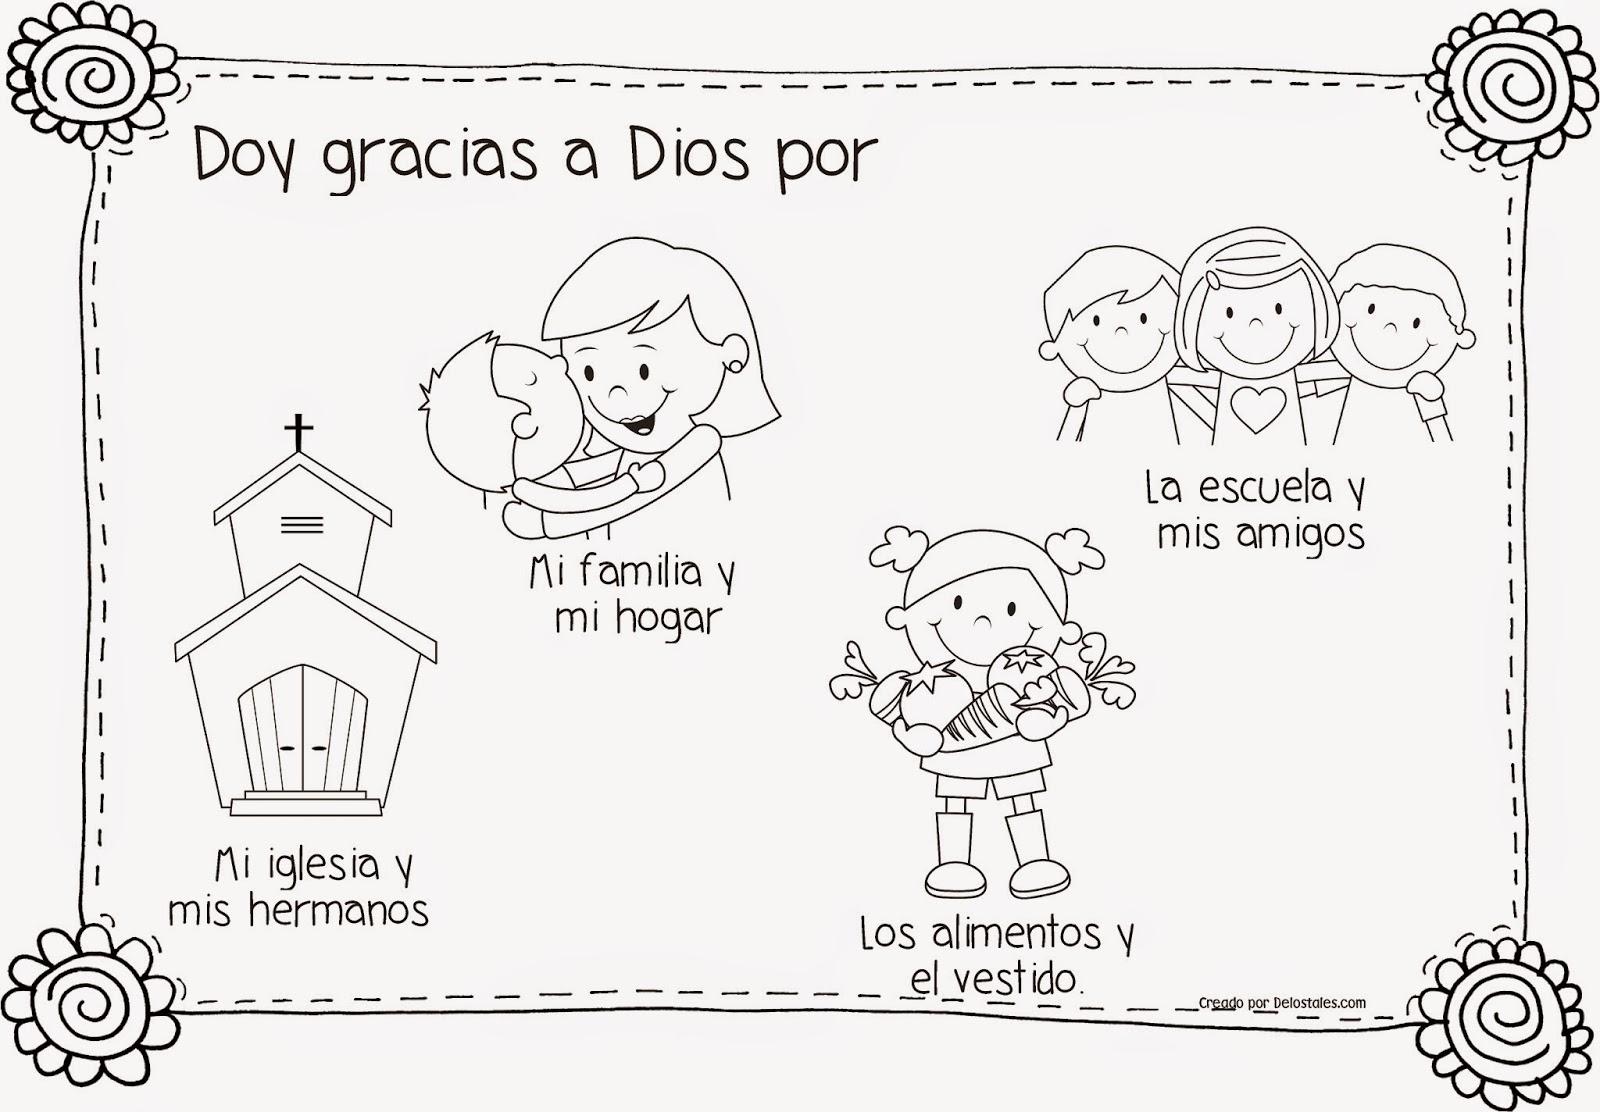 Imagenes De Niños Dando Gracias A Dios Para Colorear picture gallery